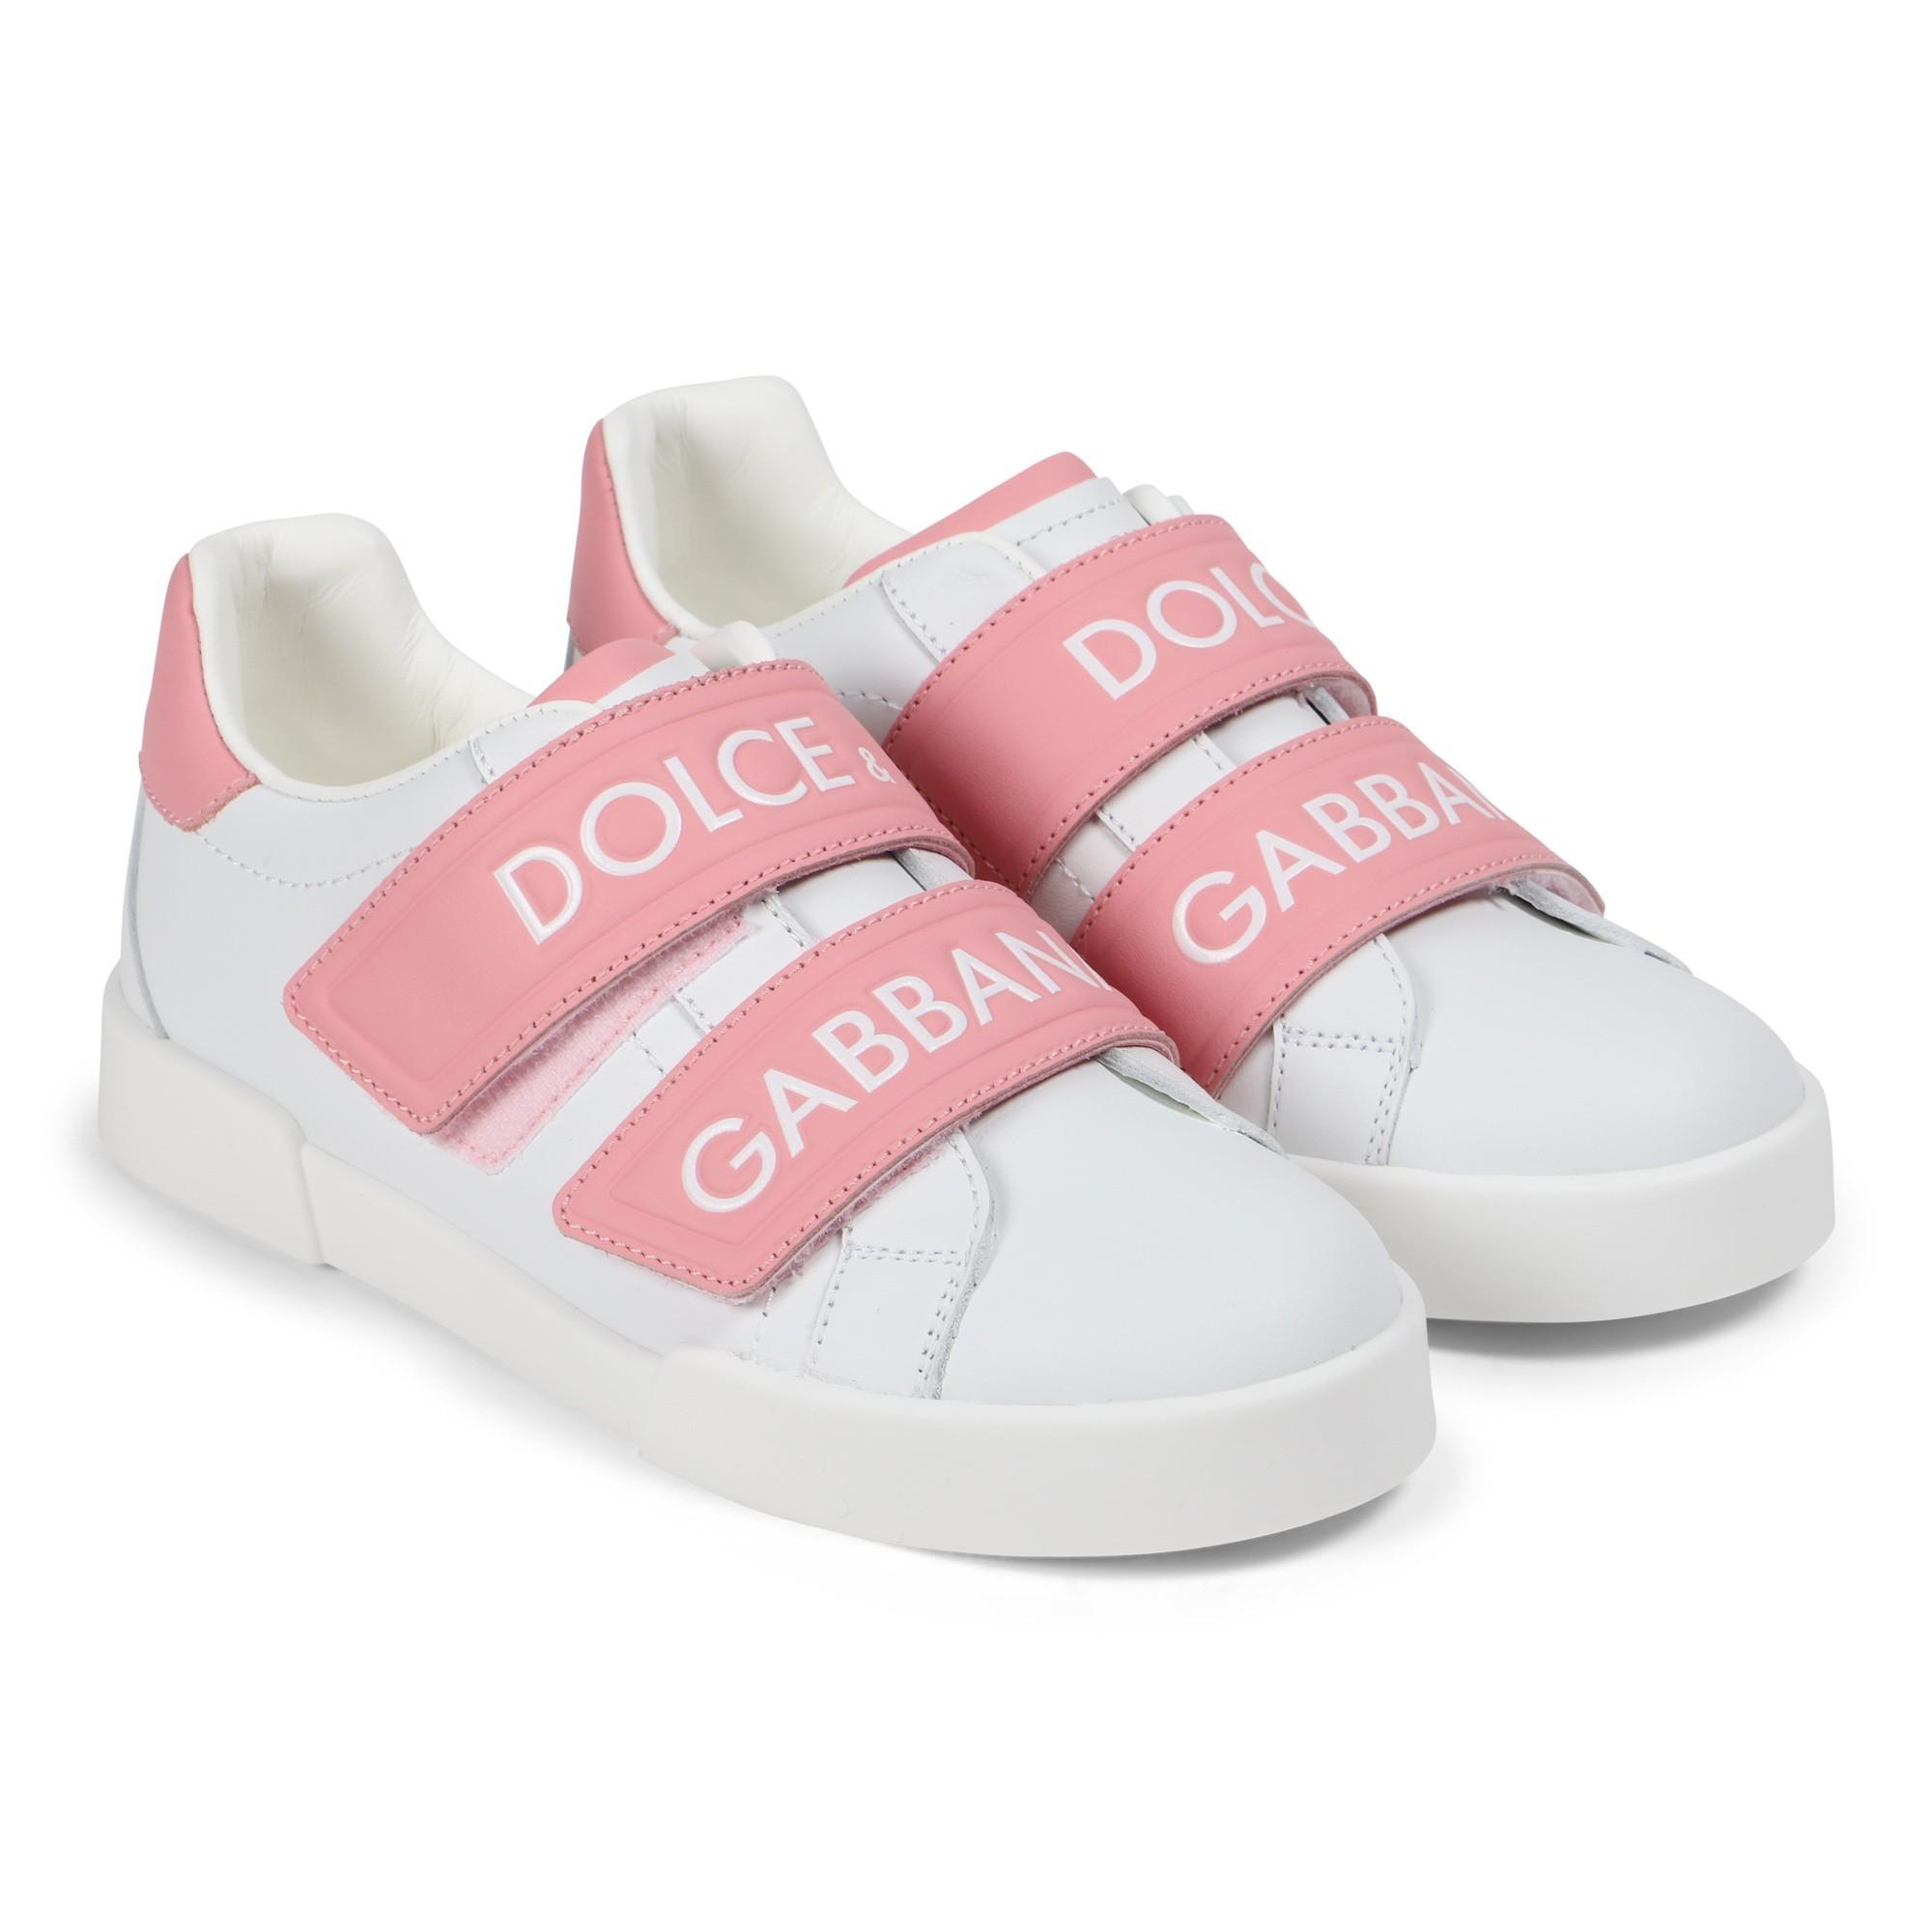 Dolce \u0026 Gabbana Girls Logo Velcro